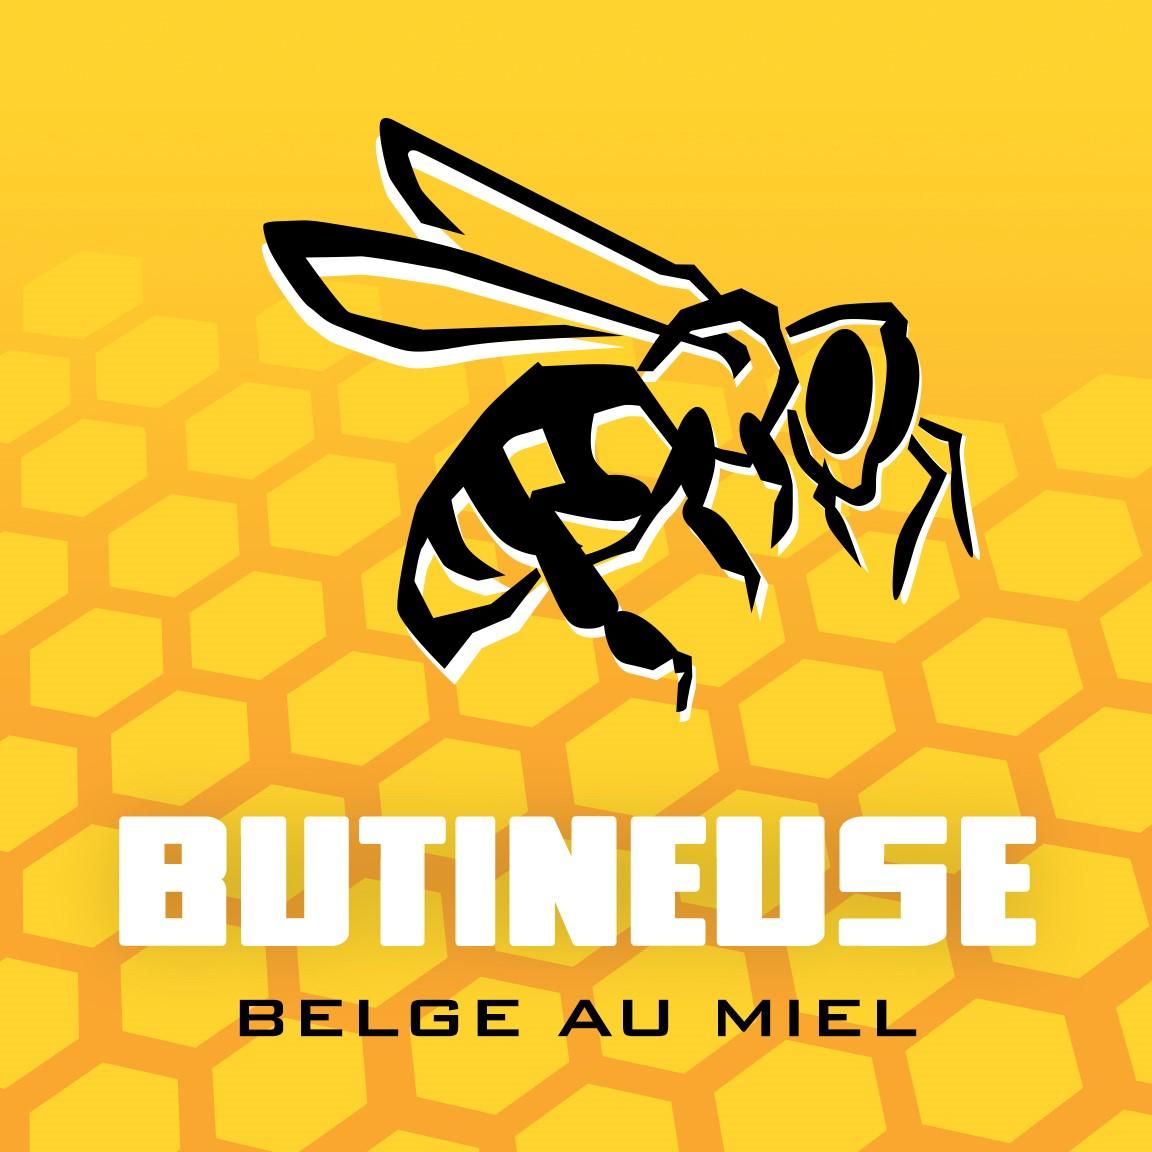 Butineuse - 500ml